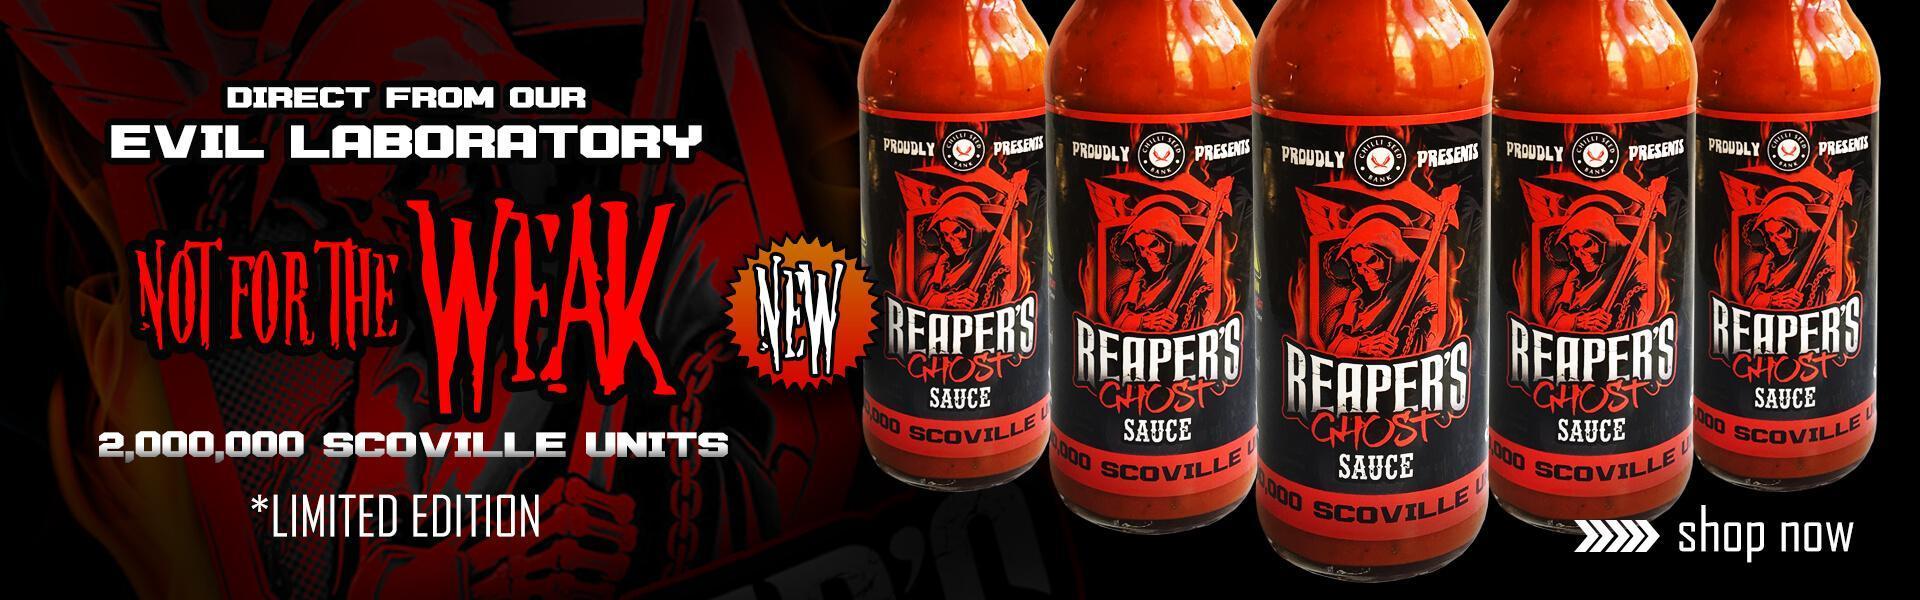 Buy Reaper Sauce